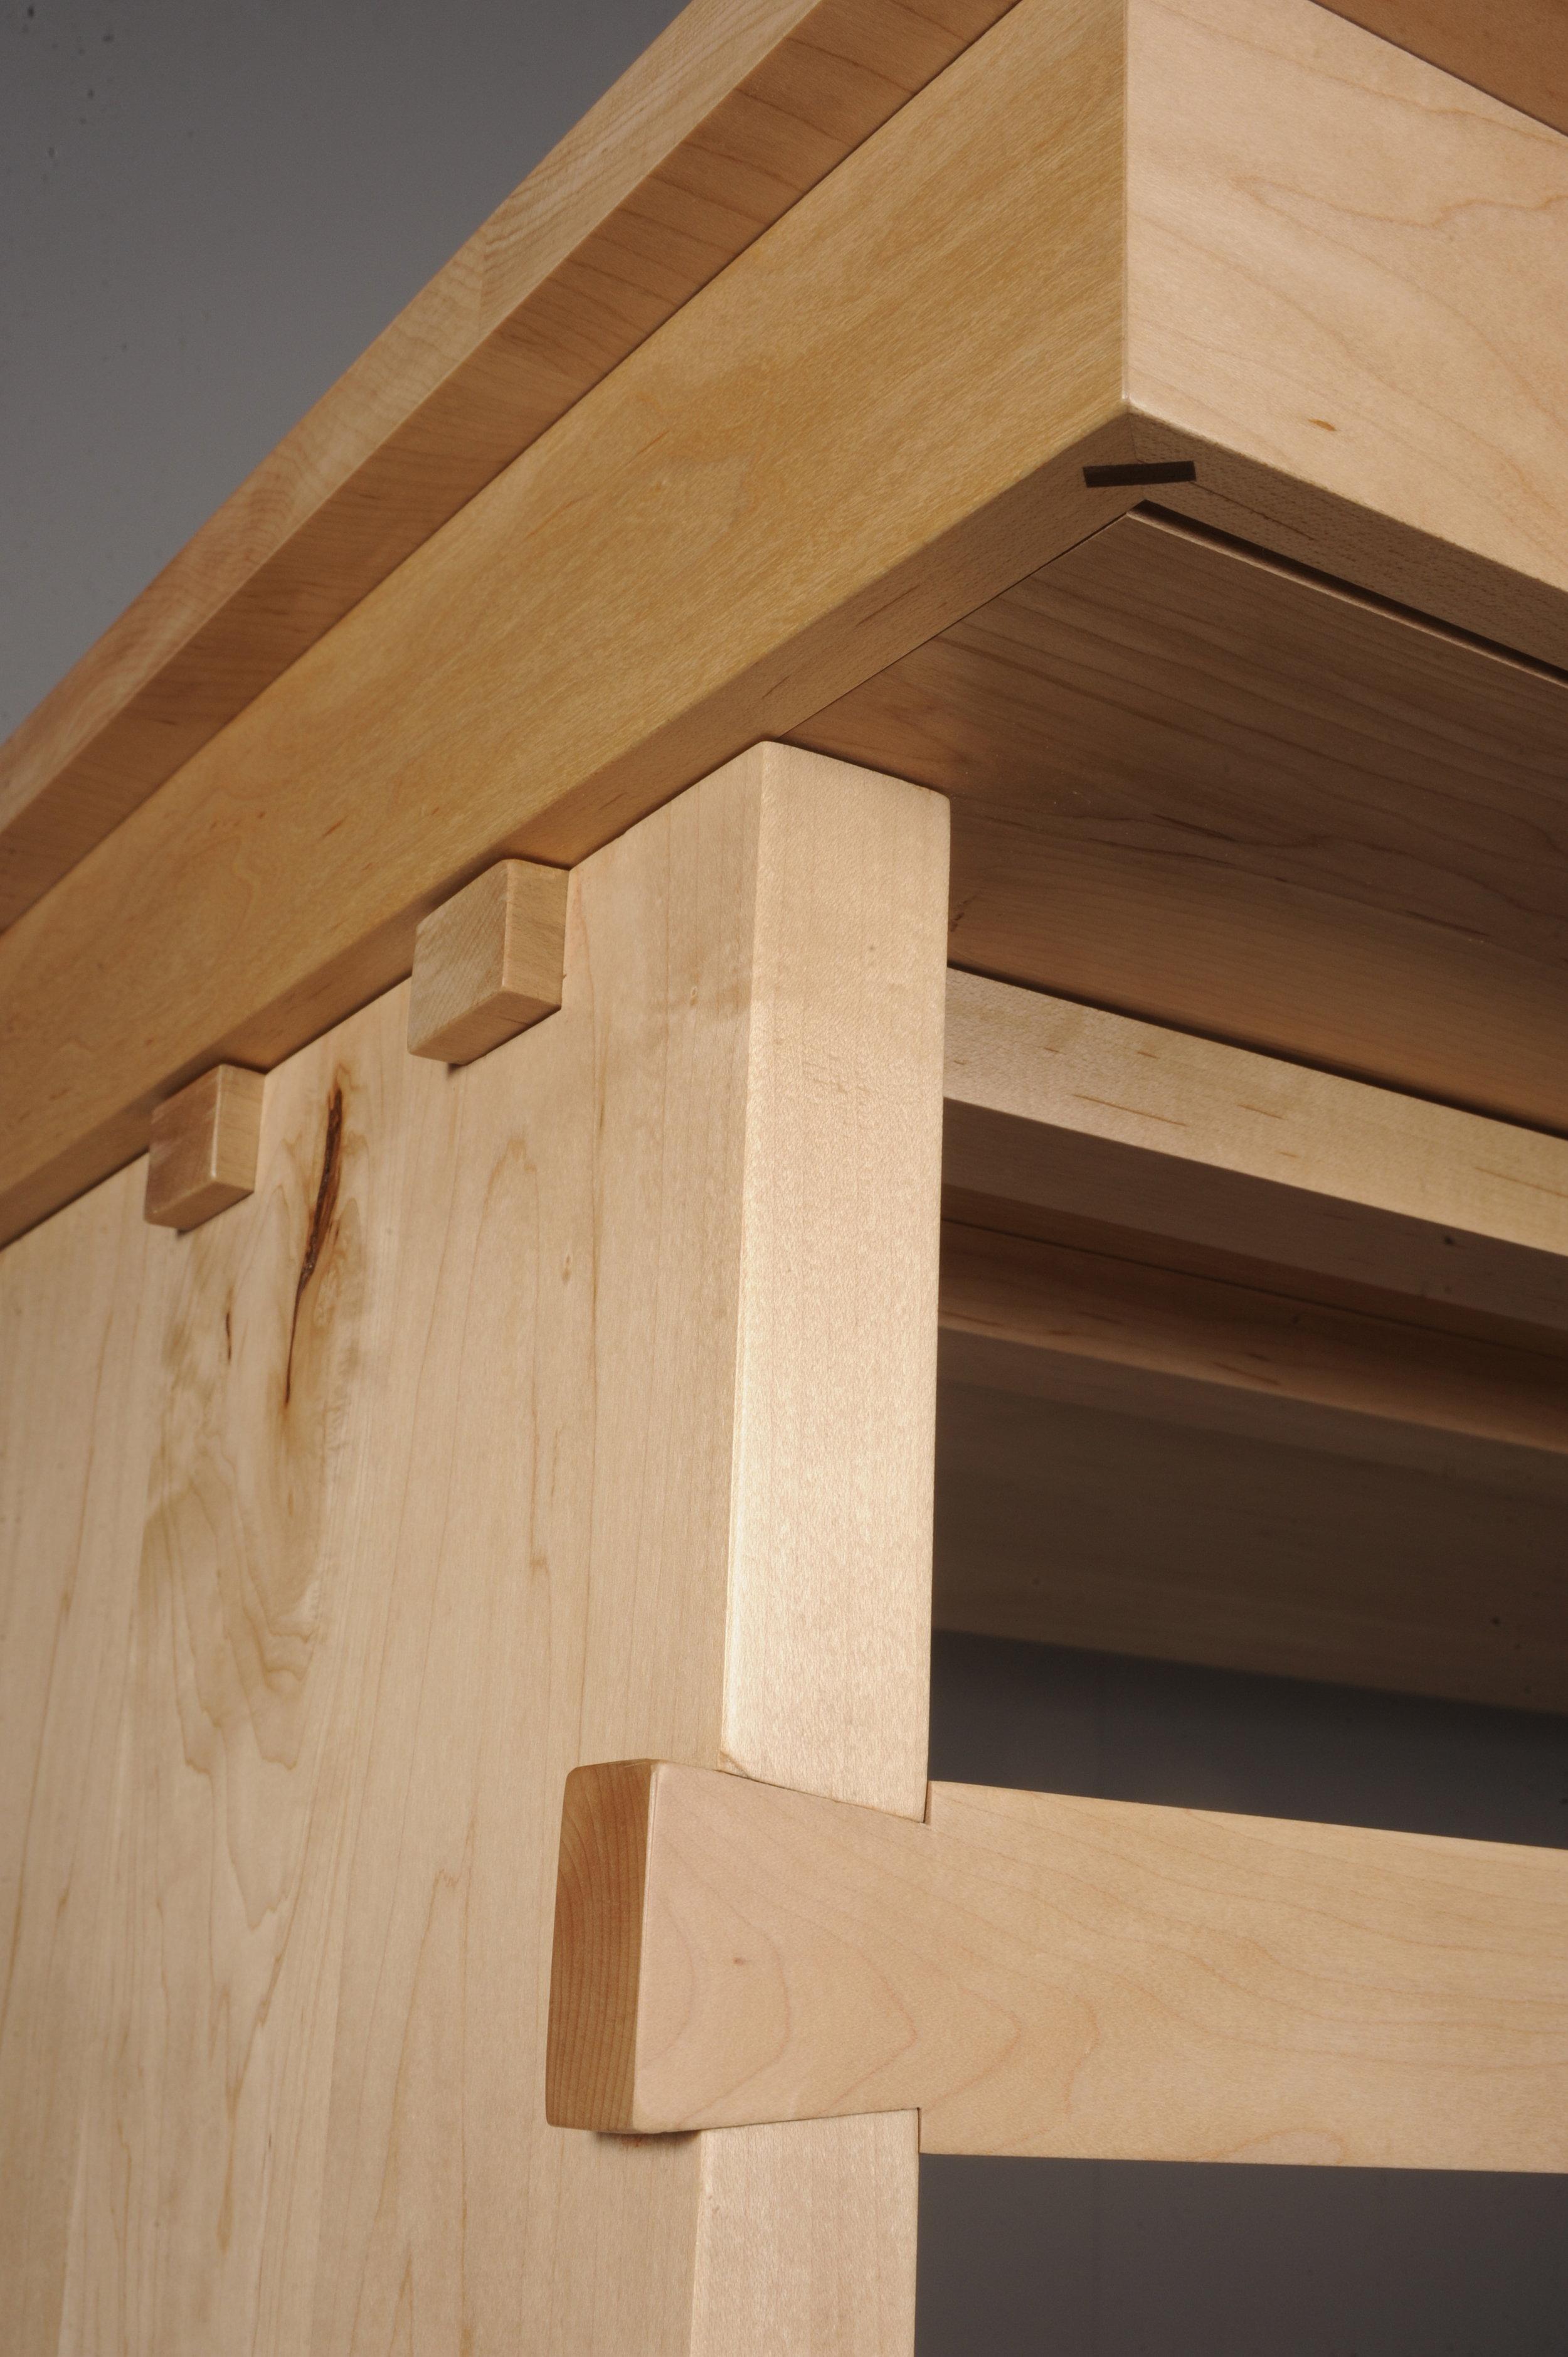 Maple wood office desk